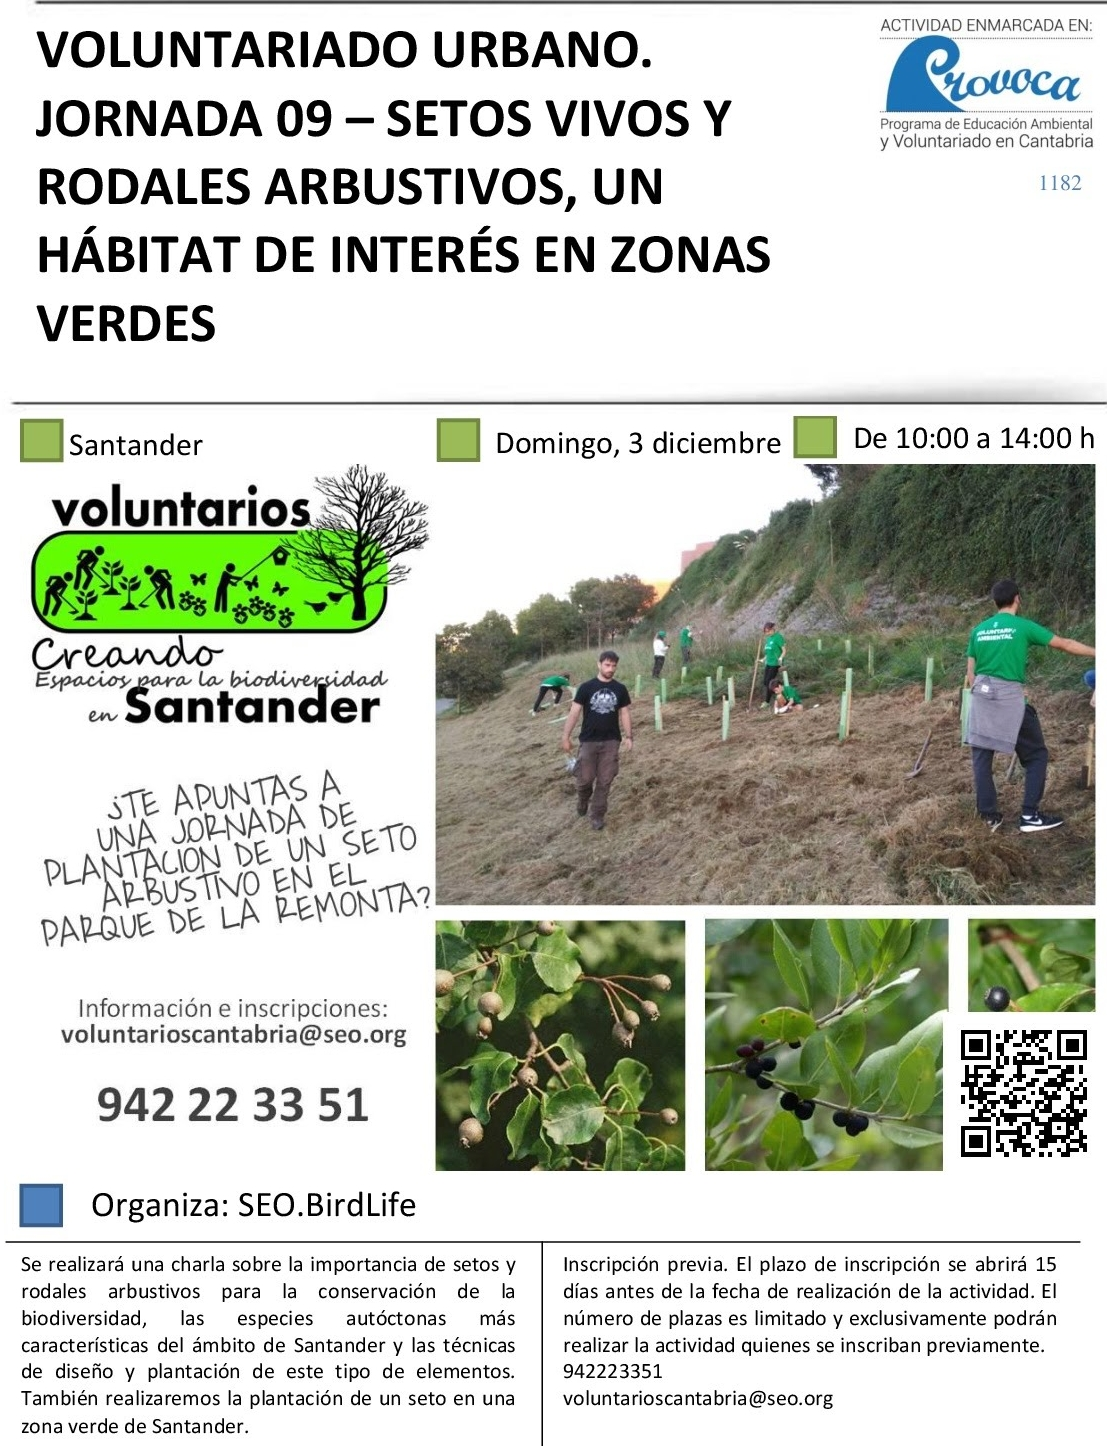 La Remonta acogerá una jornada de voluntariado ambiental que incluirá la plantación de setos y rodales arbustivos